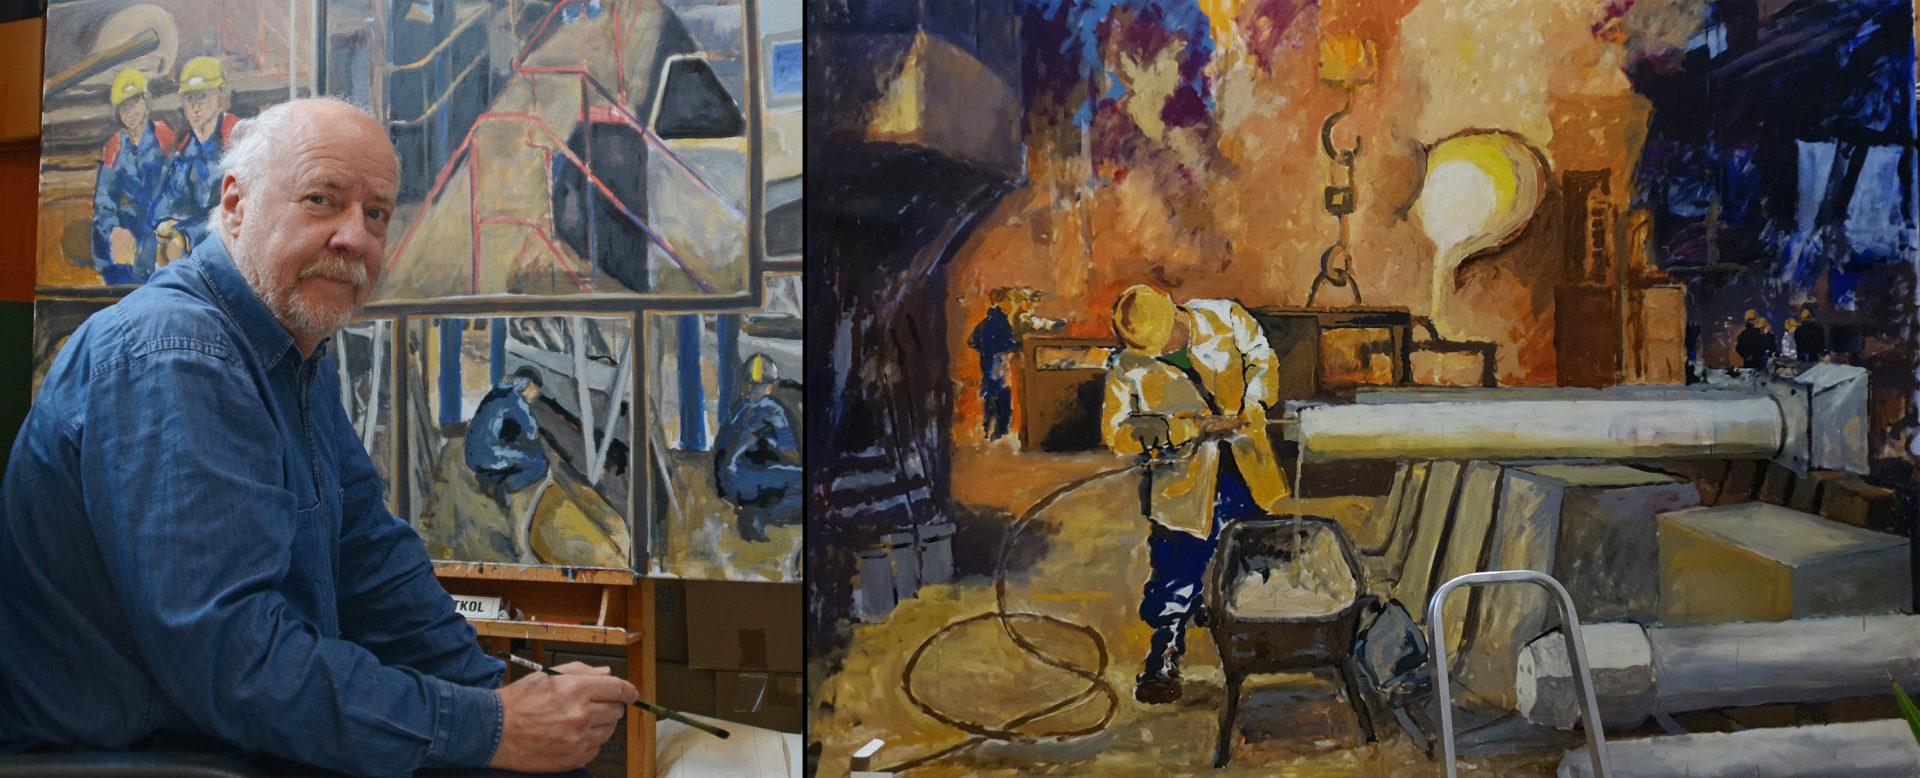 Roine Jansson sittandes framför en av sina målningar.